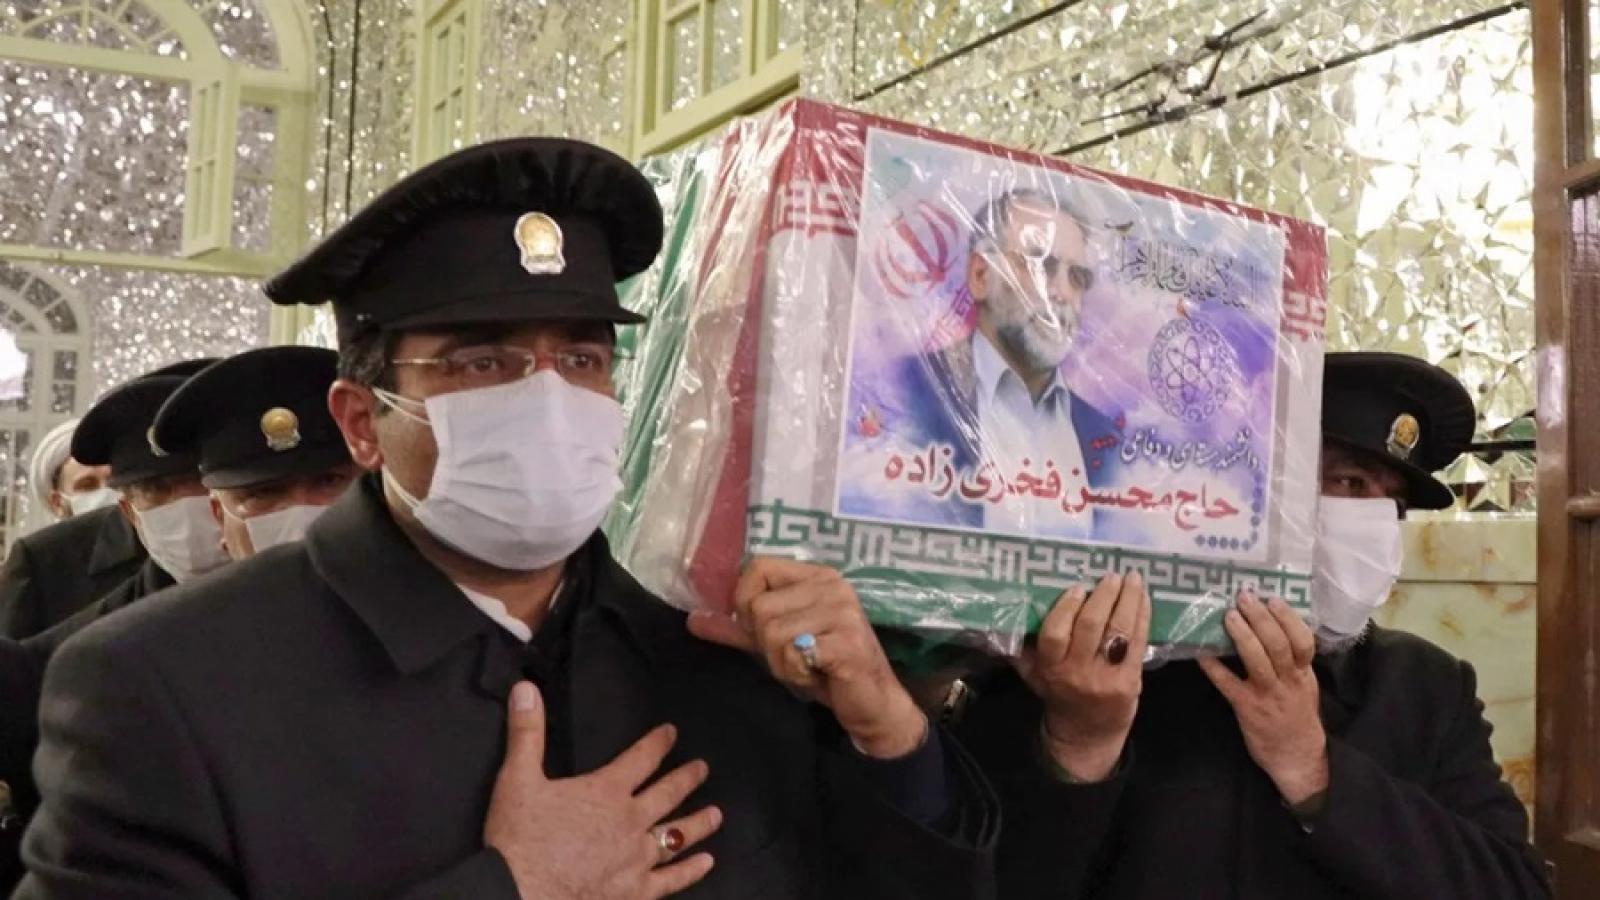 Bí hiểm rợn người trong vụ ám sát nhà khoa học hạt nhân Iran Fakhrizadeh